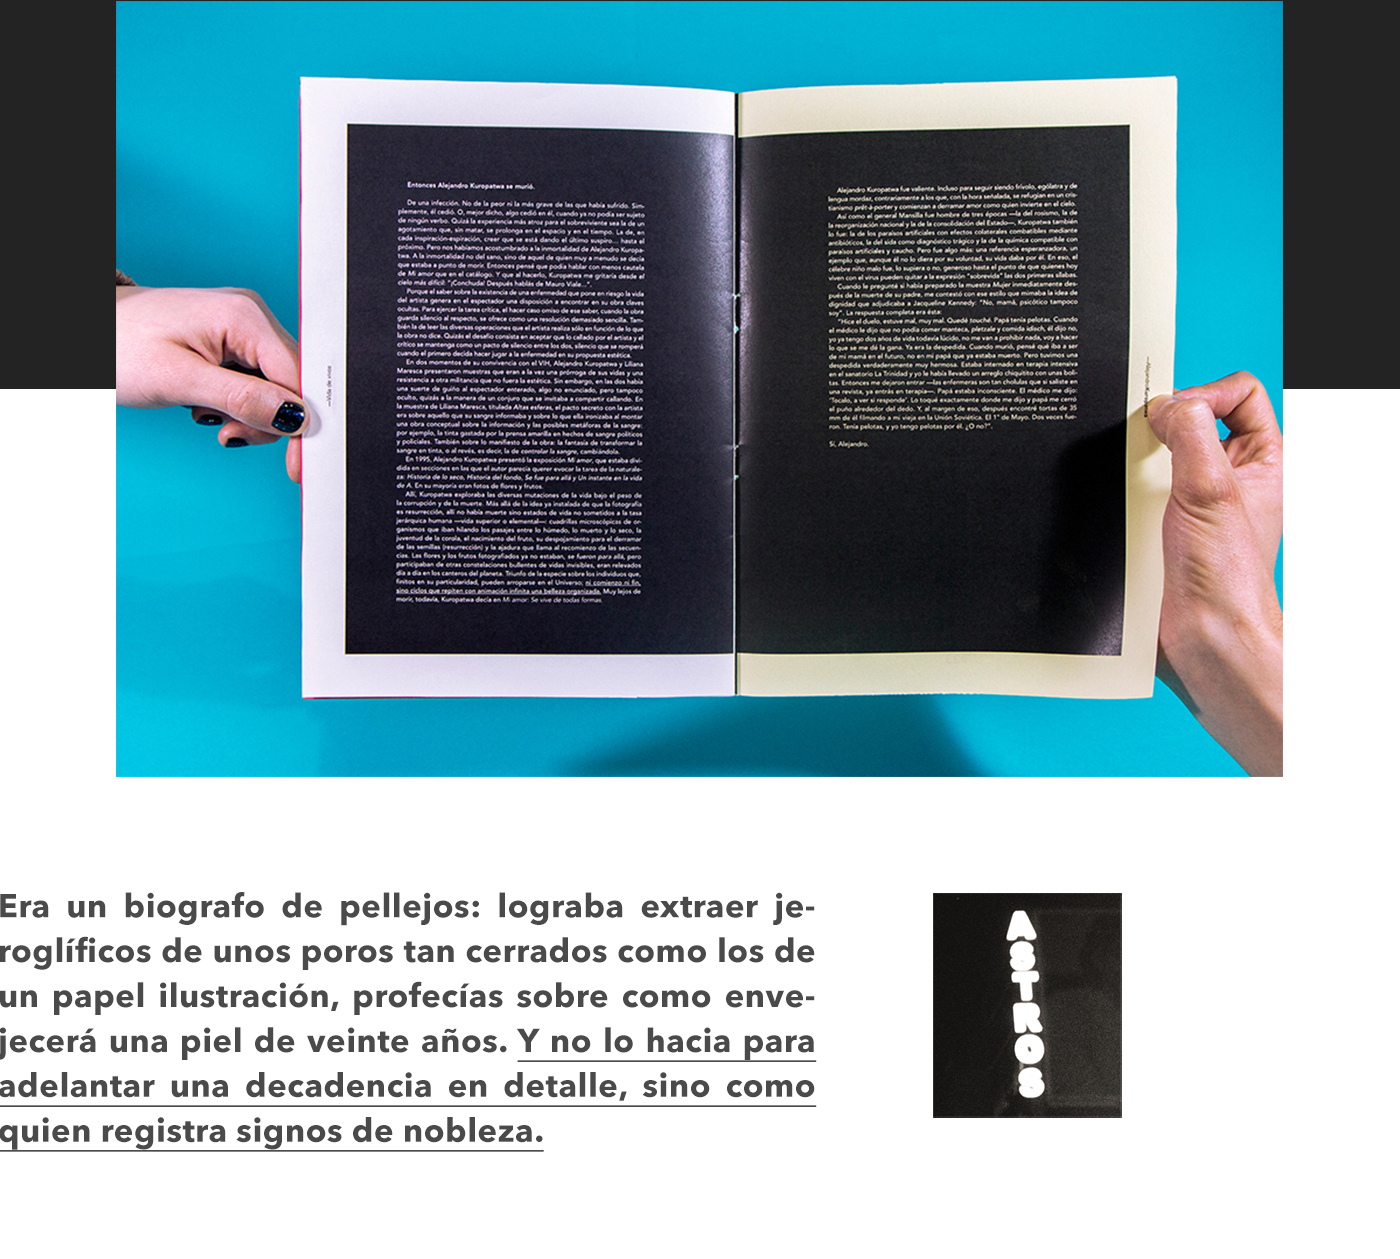 vida de vivos fasciculos editorial fascicles colección Collection maria moreno magazine interview entrevistas